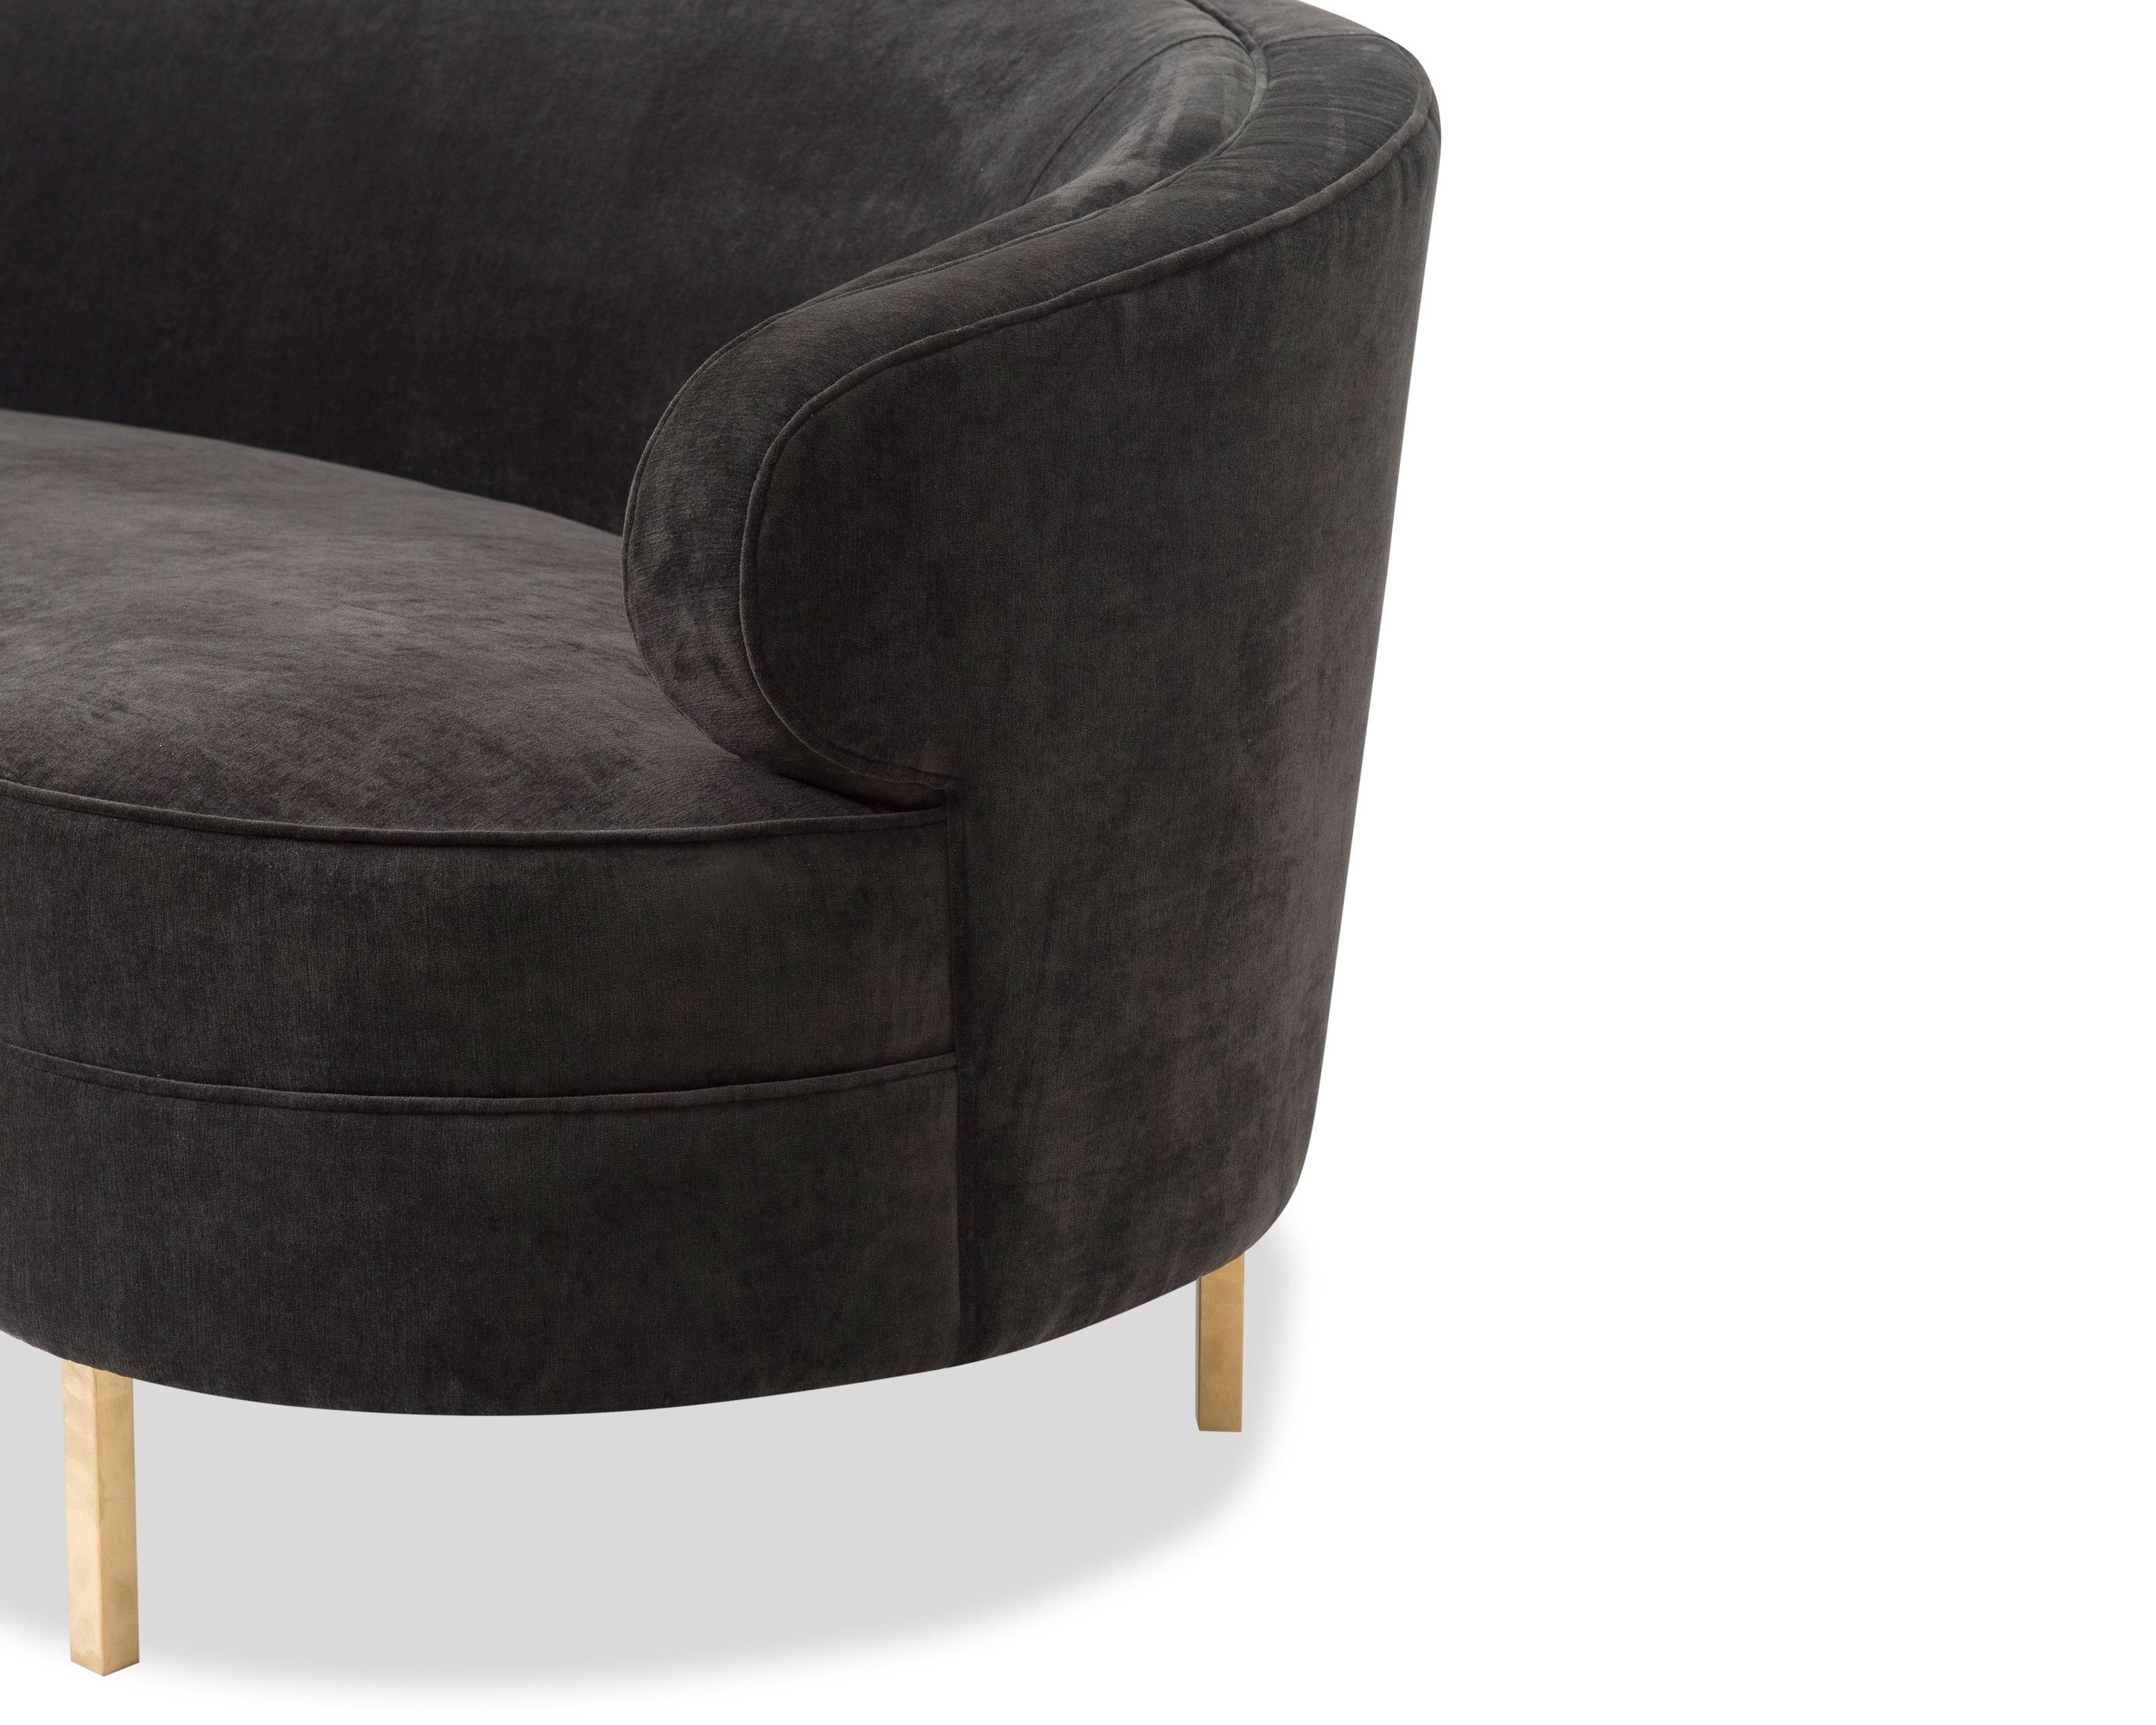 Liang & Eimil Pimlico Sofa – Jet Black Velvet (7)